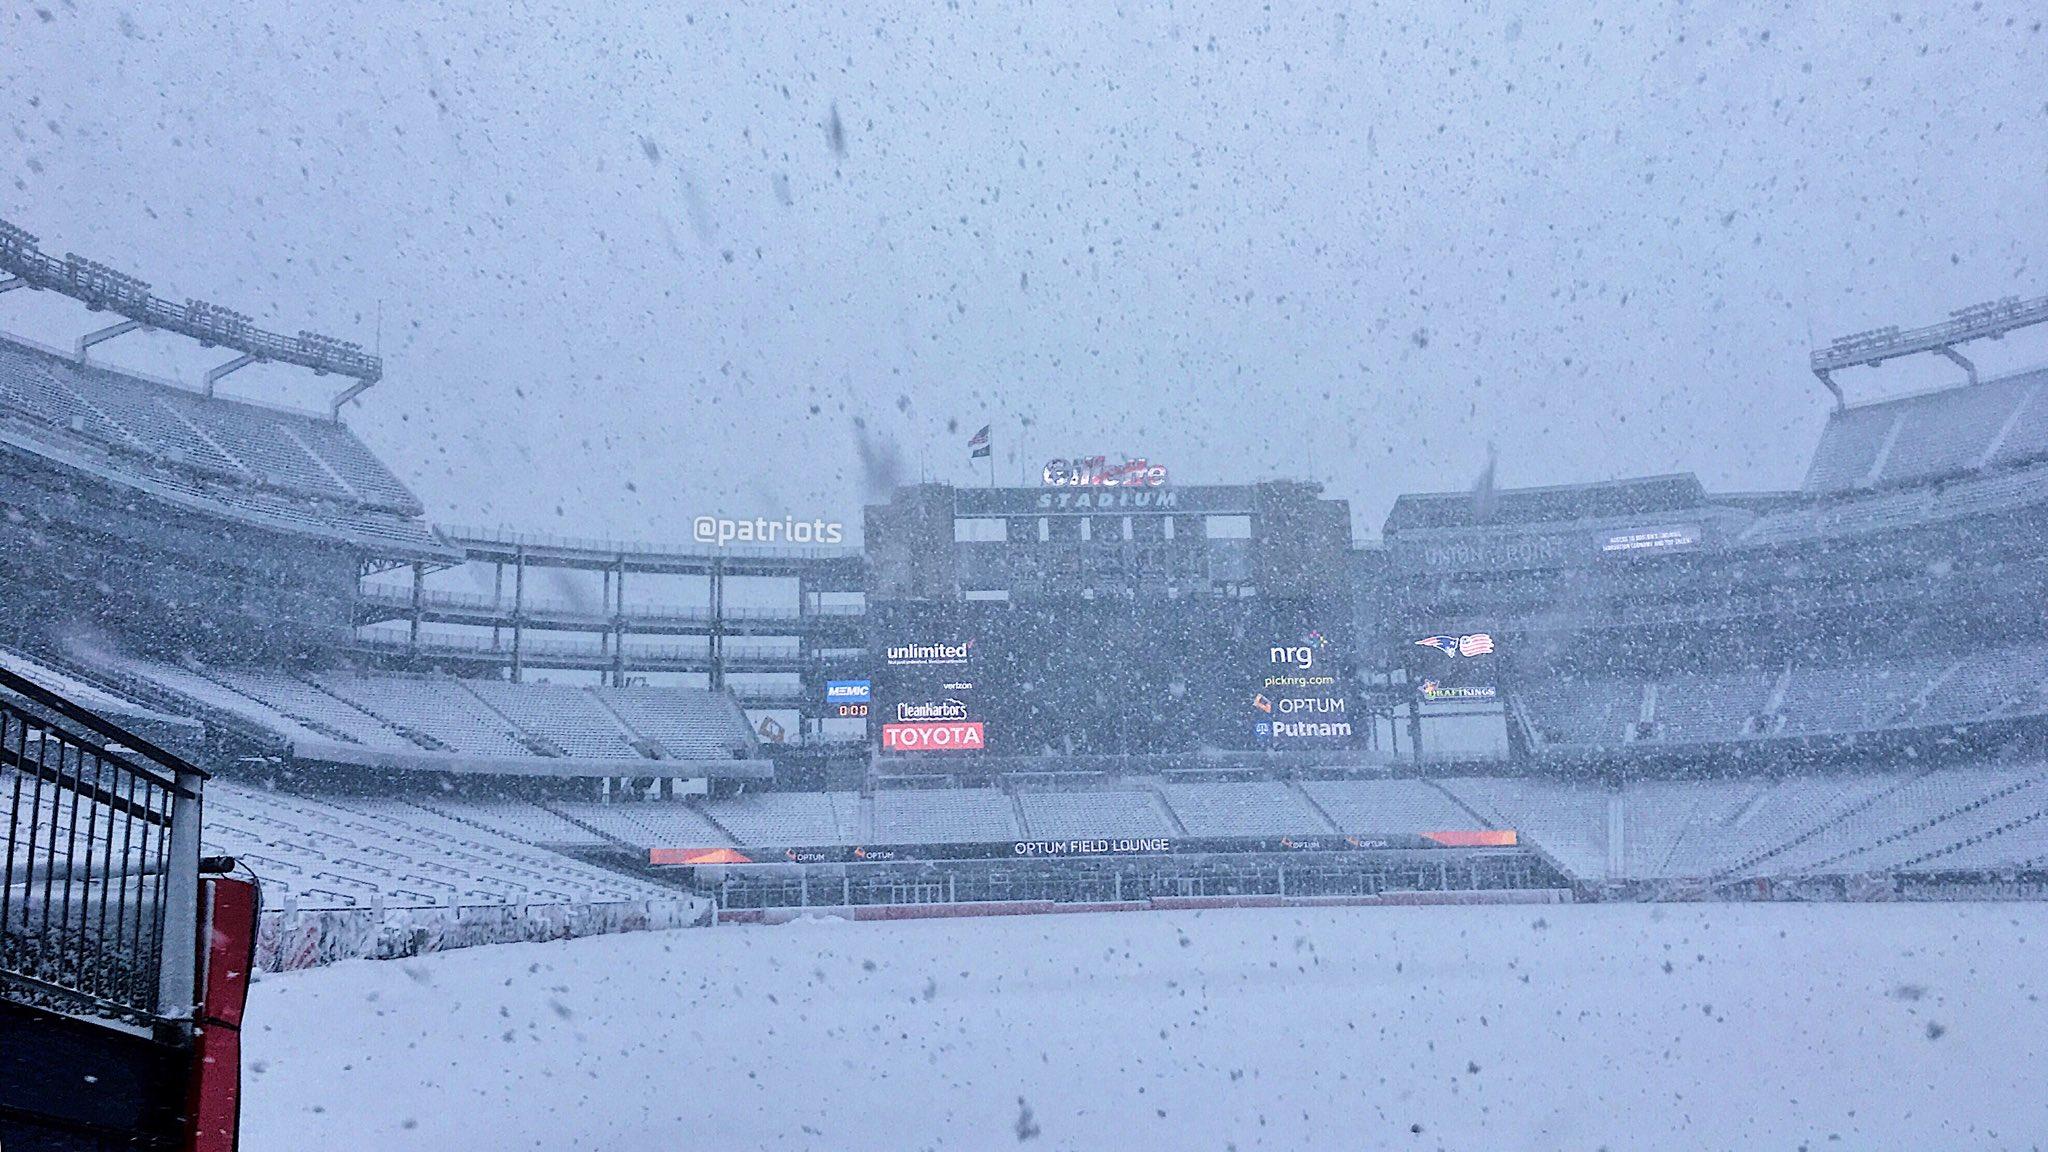 More snow?! https://t.co/p1D2gnUHVJ